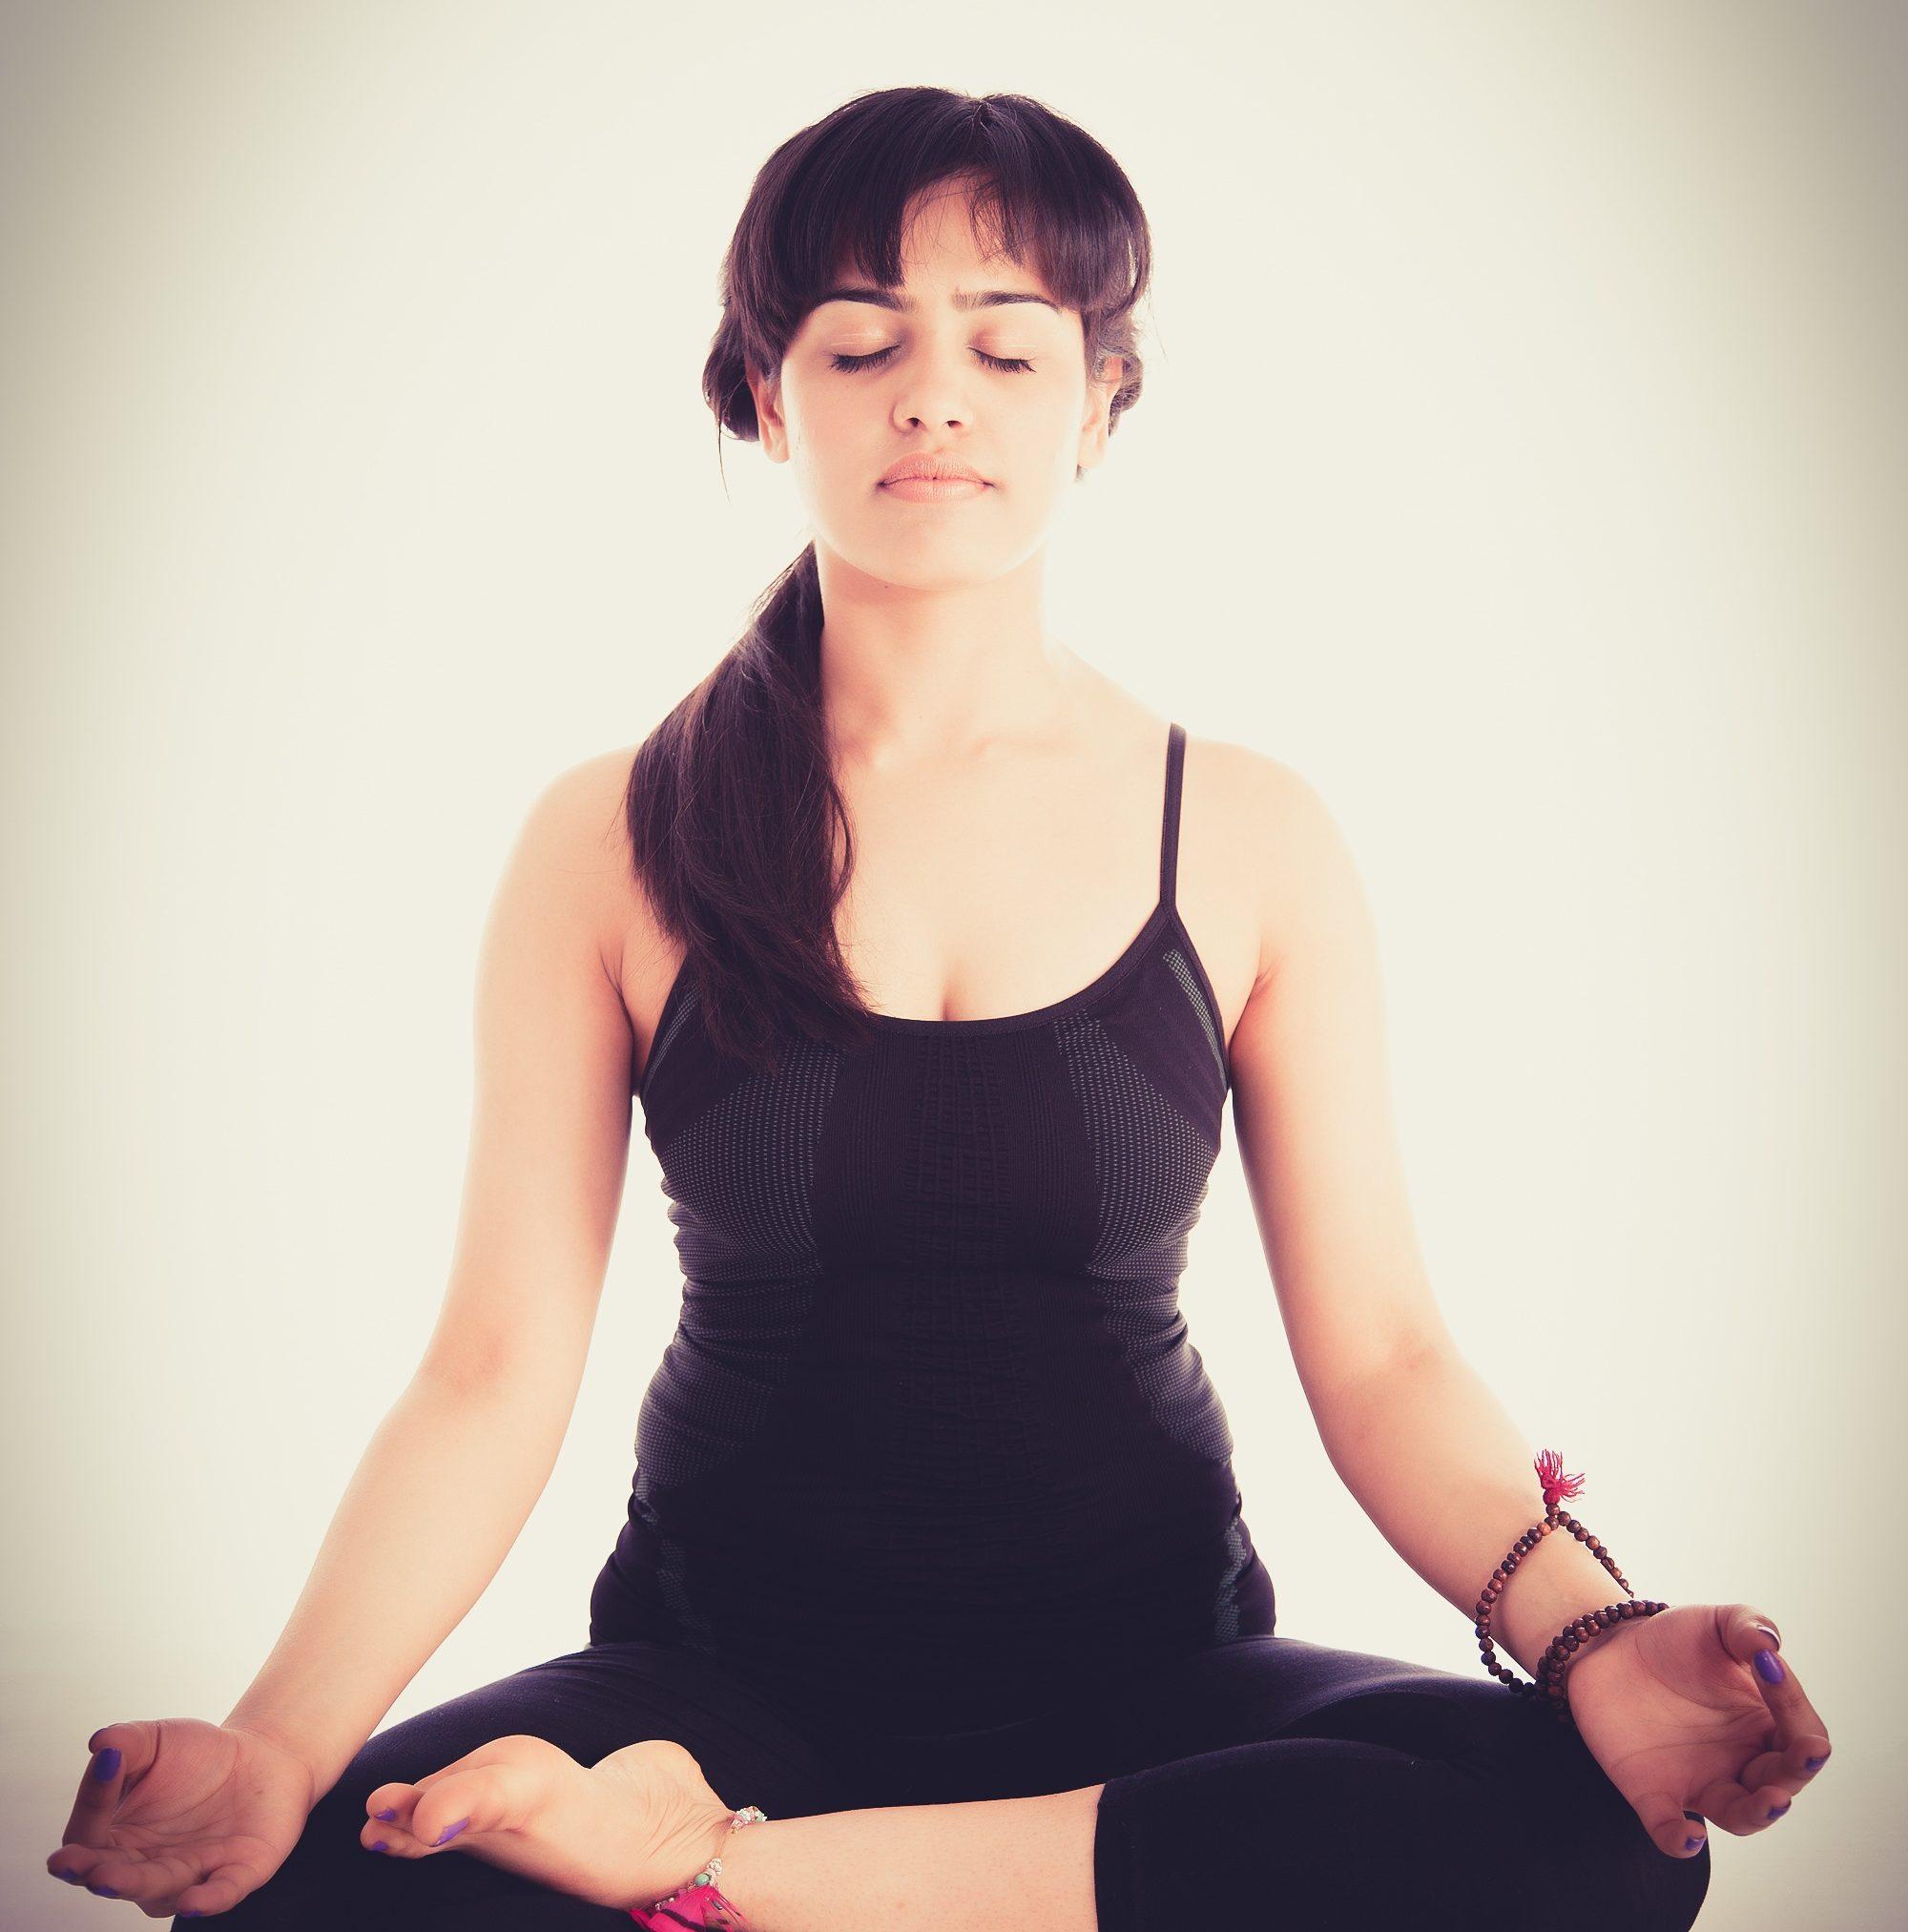 Atemtechnik für deine Stimme Entspannte, ruhige Atmung ist die Grundlage für eine schöne und natürliche Stimme